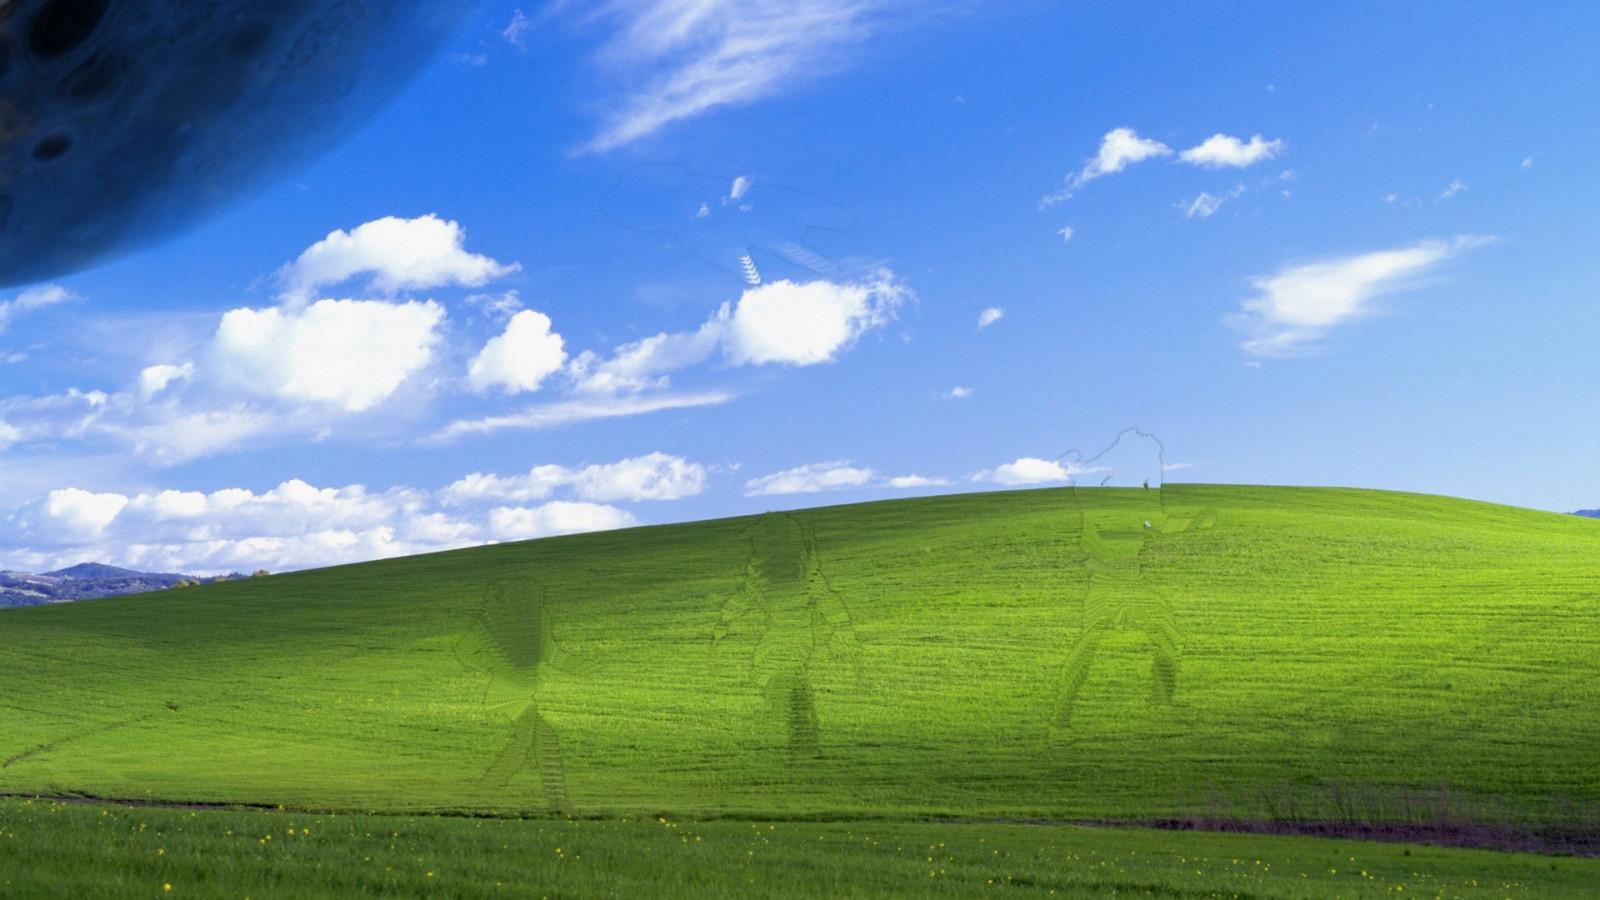 デスクトップ壁紙 日光 風景 丘 空 フィールド 緑 地平線